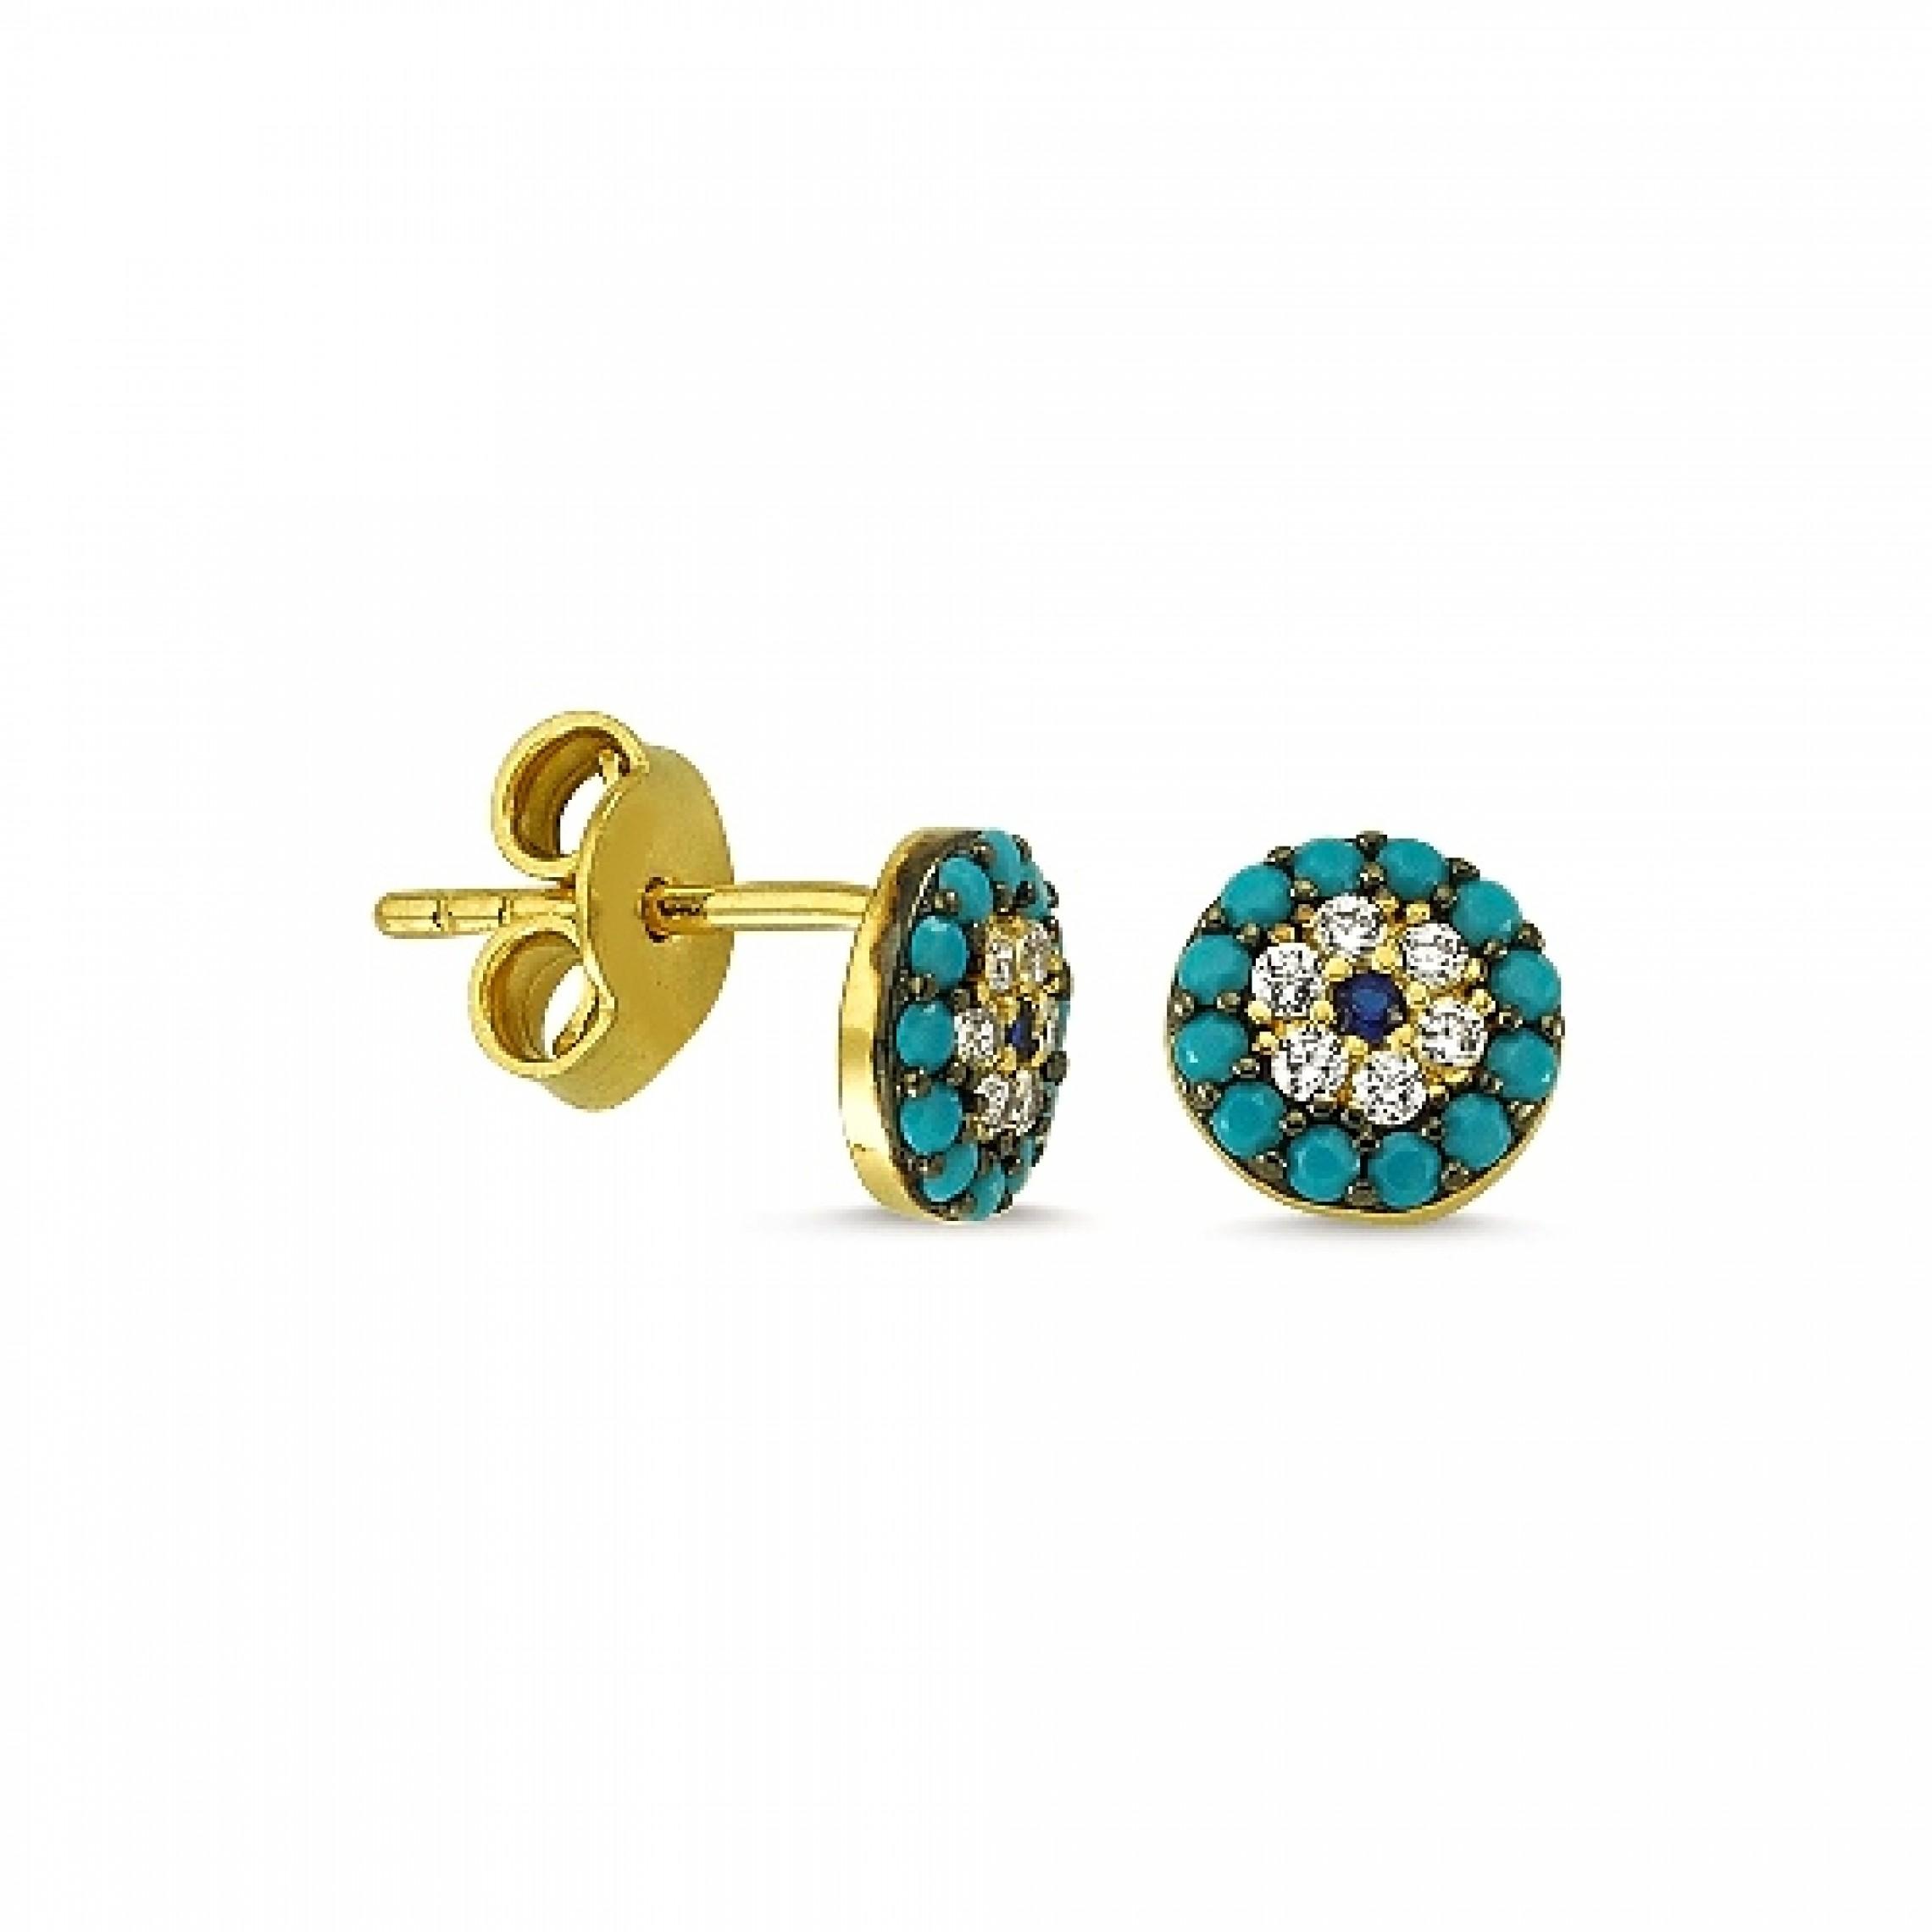 JE-210027 Evil Eye 925 Sterling Silver CZ Earrings